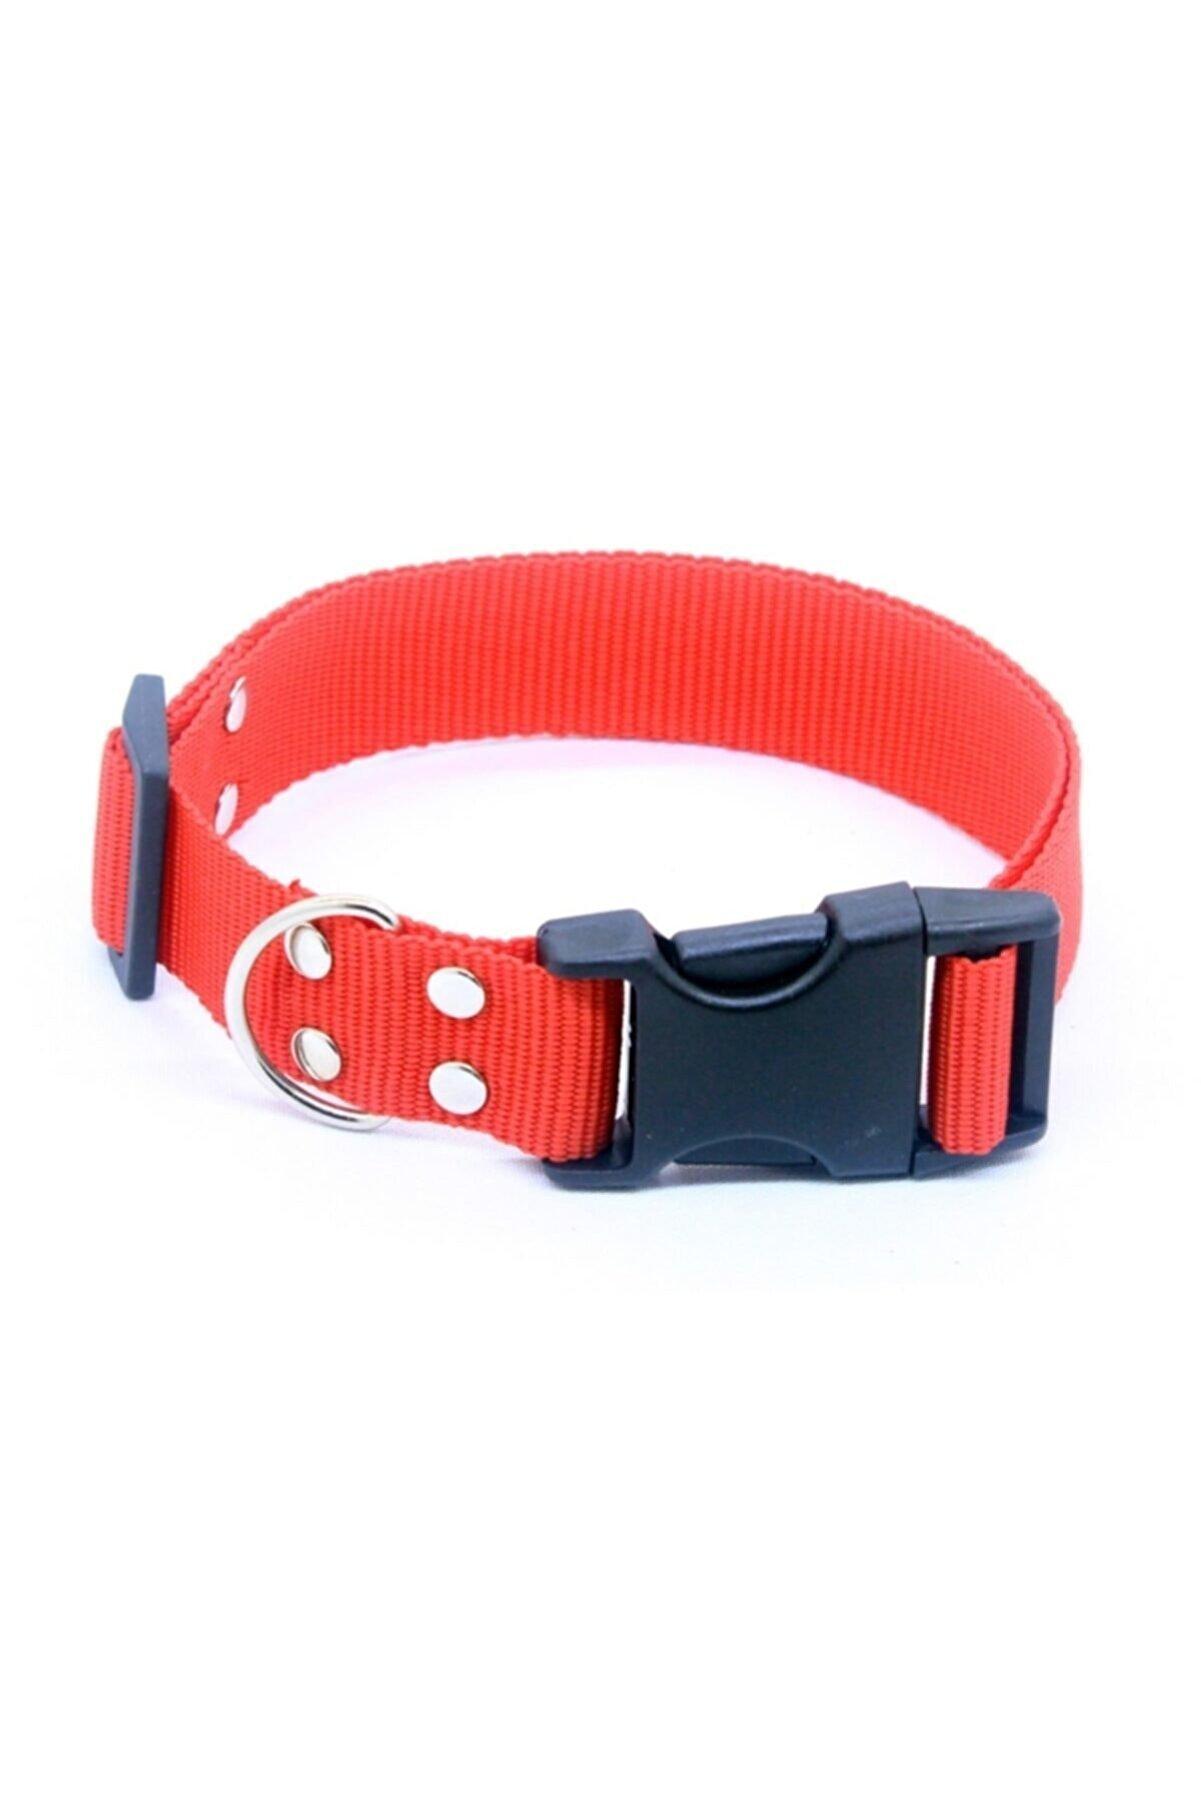 DECORTEX Köpek Boyun Tasması Ayarlanabilir 32-52 Cm Kırmızı